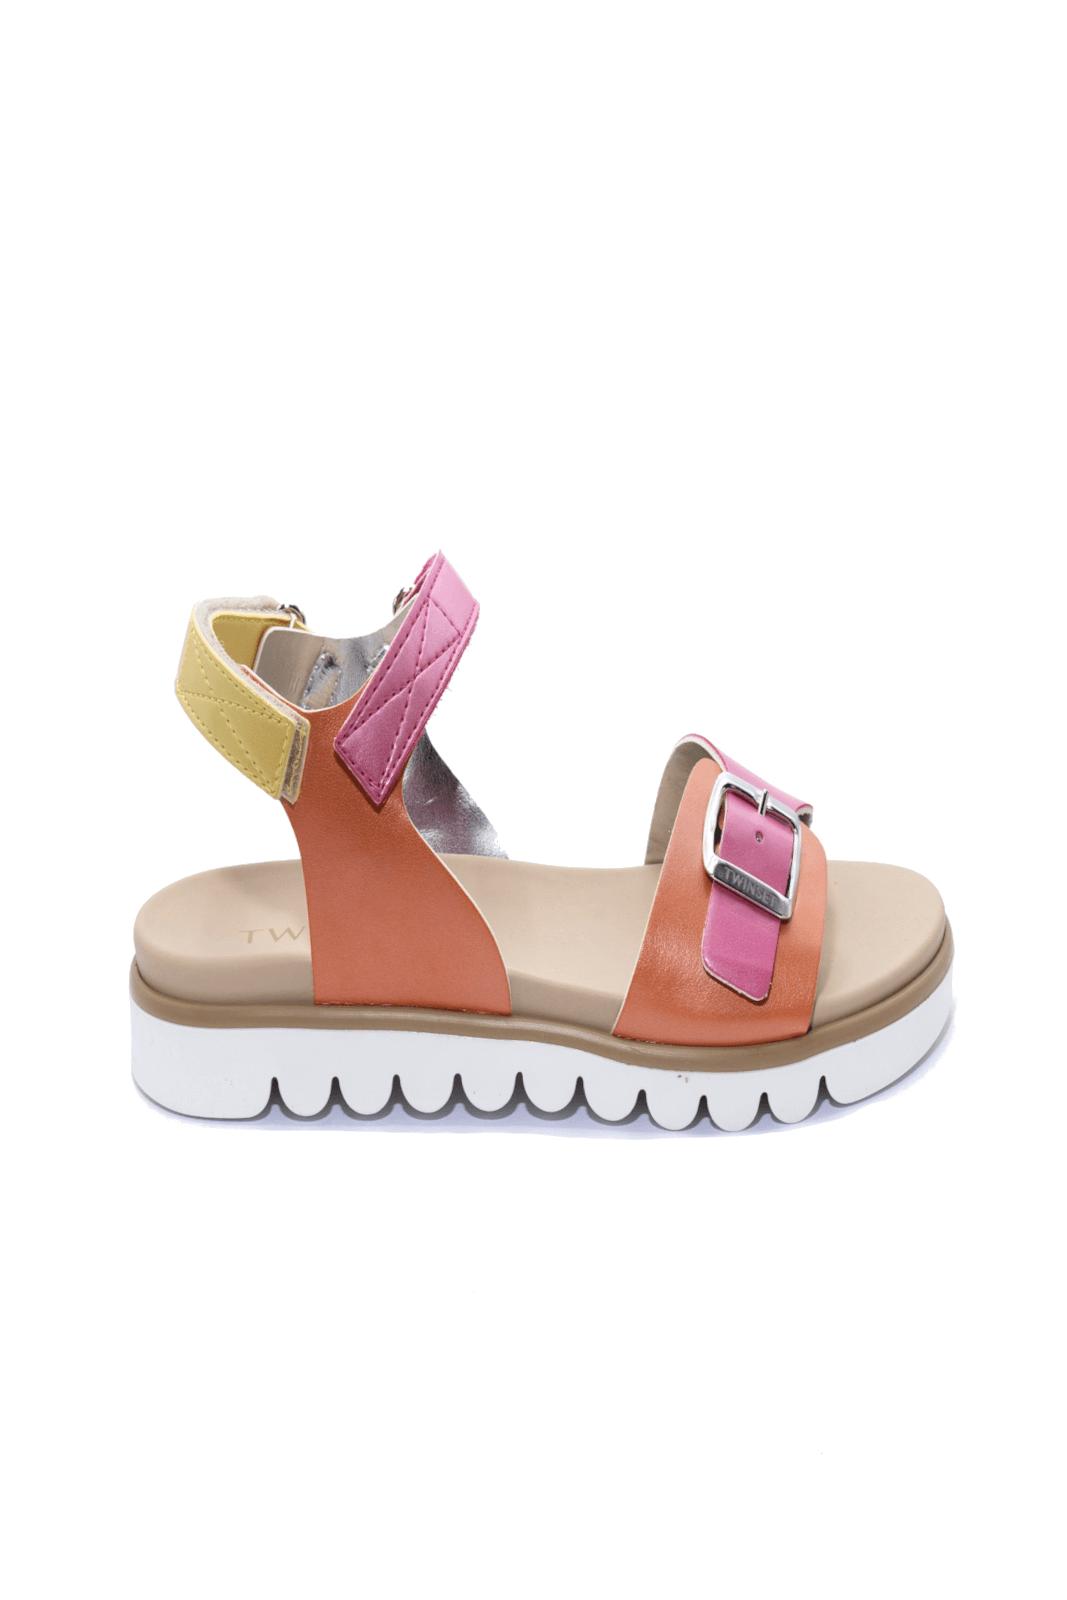 Un sandalo che regalerà colore ai look della tua bambina. TwinSet infatti, propone un modello semplice e colorato, da indossare a scuola, e per la sua routine quotidiana.